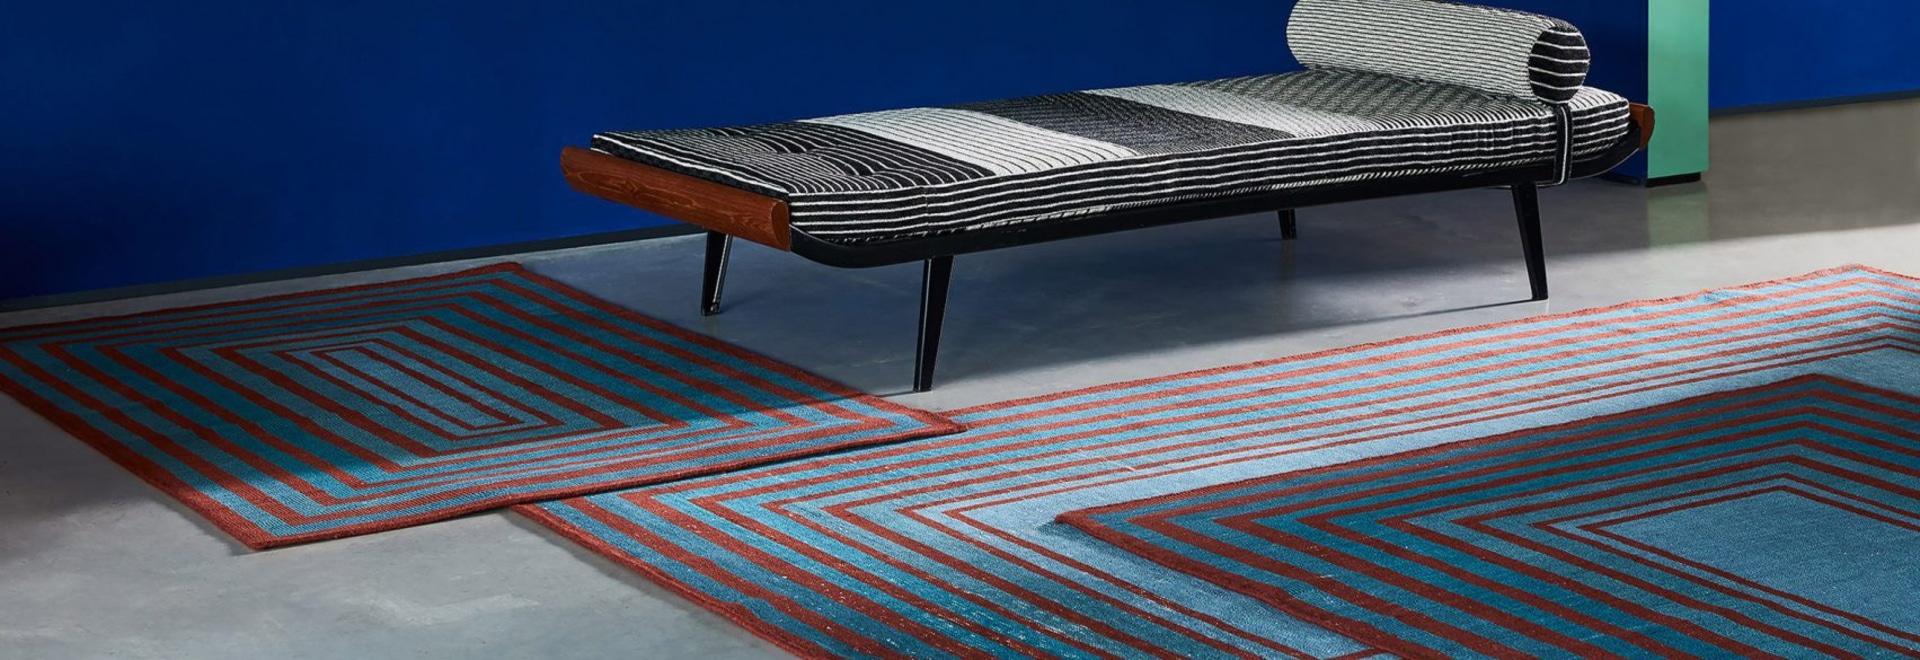 """Sebastian Wrong's modulare Teppiche können zu einem """"endlosen Feld"""" verbunden werden"""